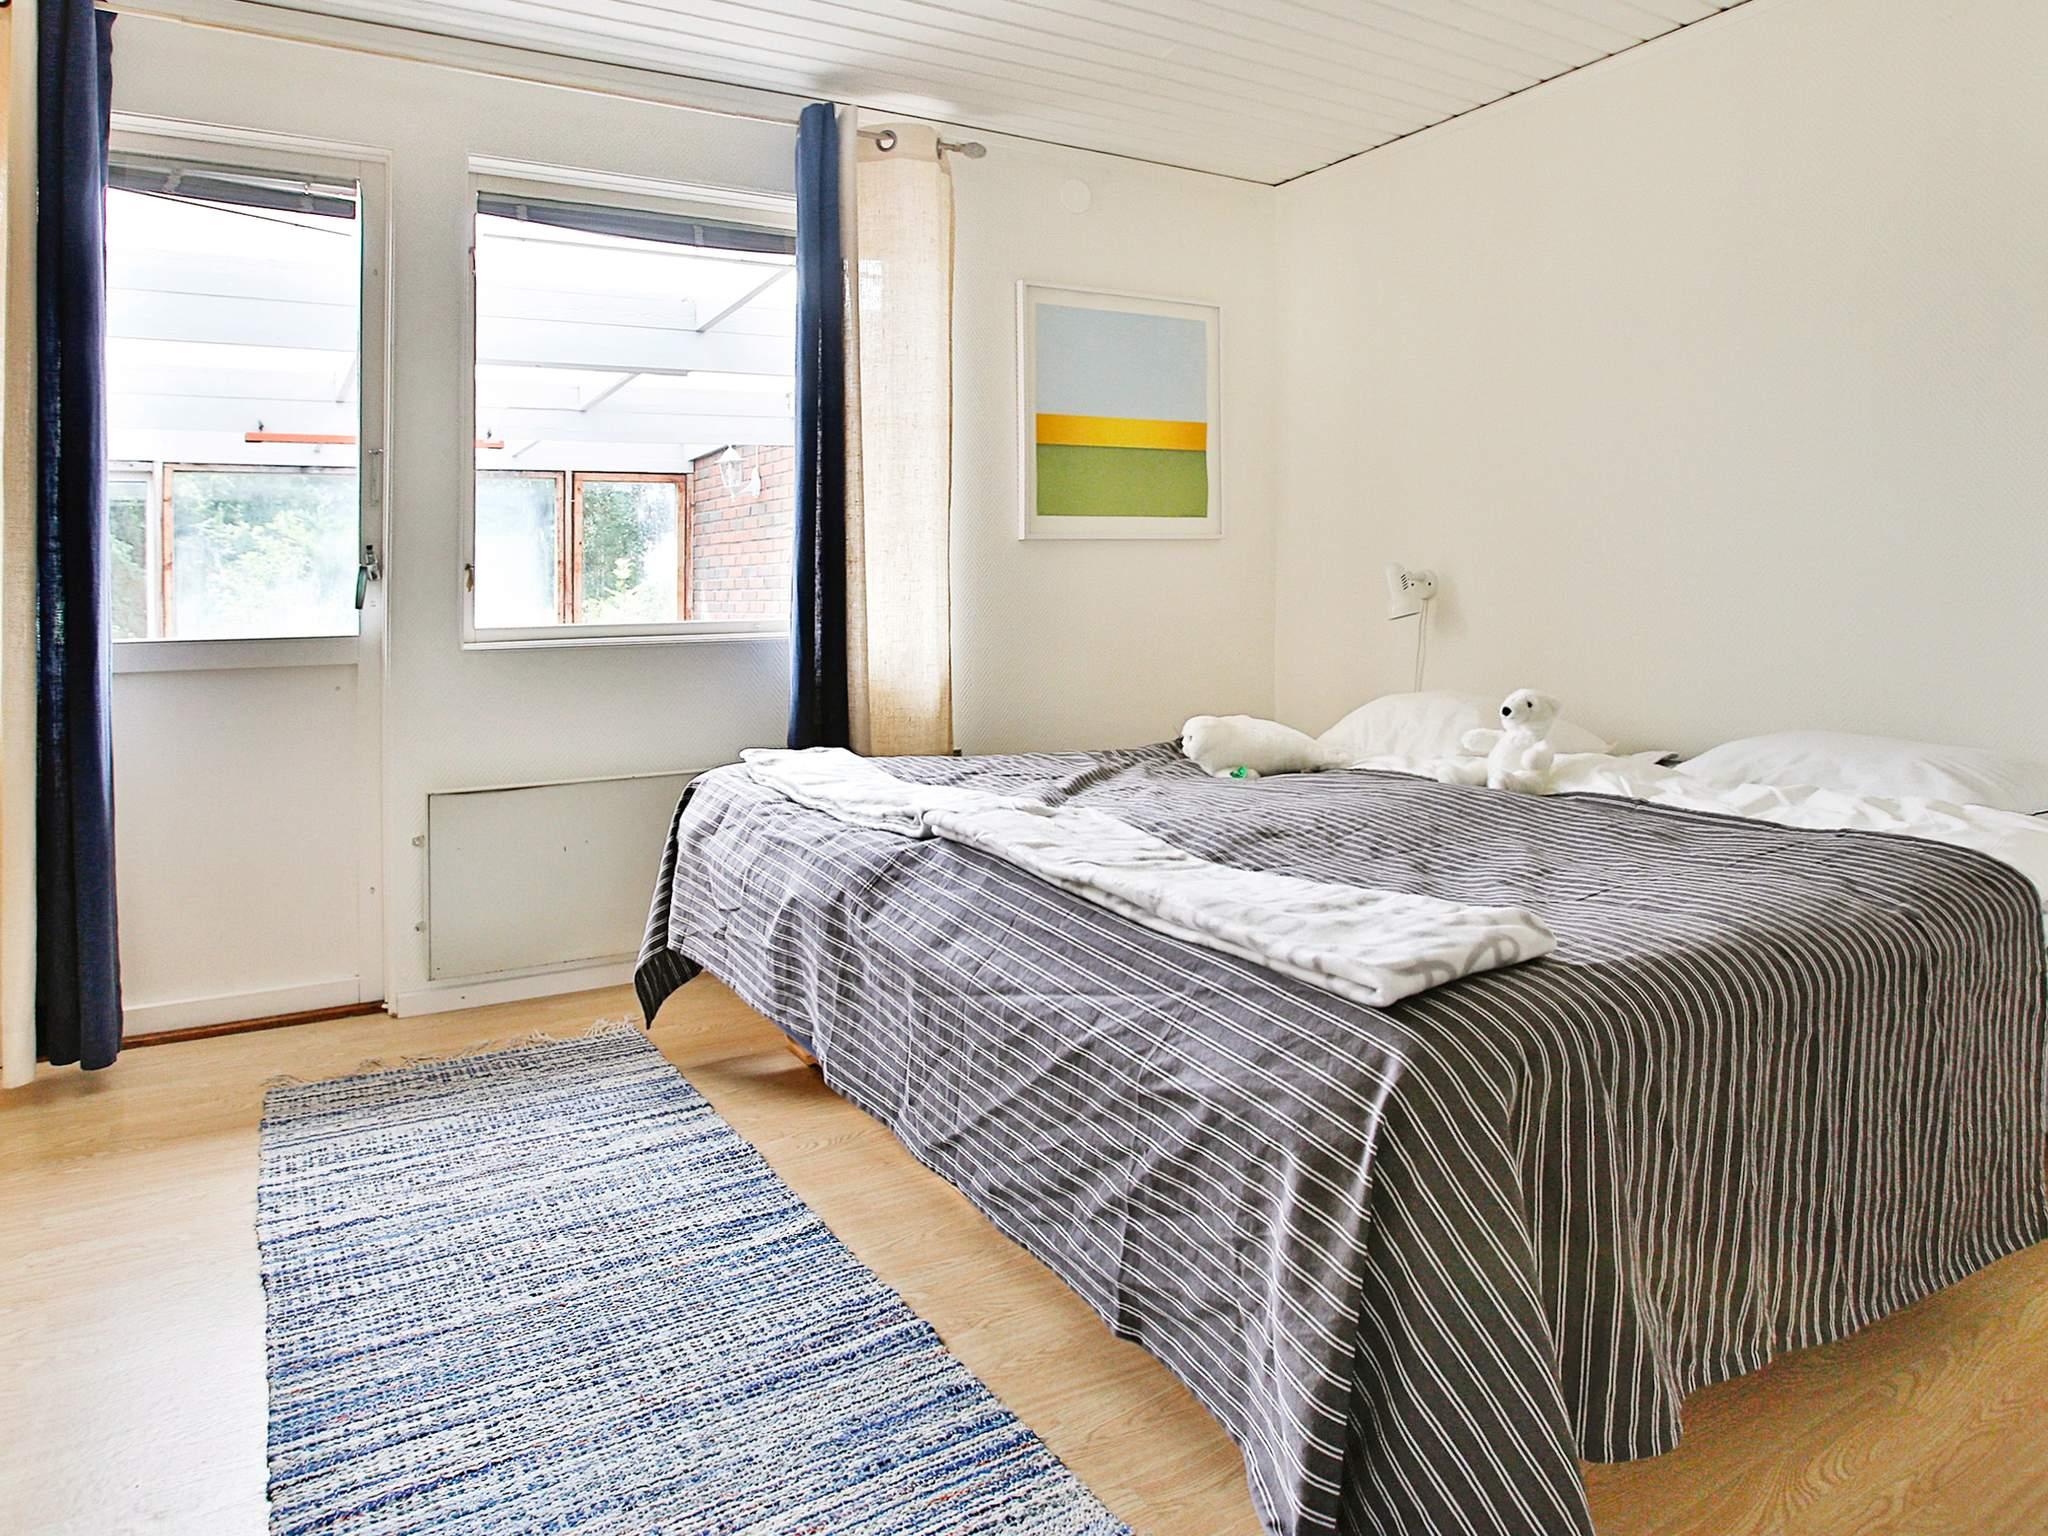 Ferienhaus Orust/Svanesund (672422), Orust, Västra Götaland län, Westschweden, Schweden, Bild 6